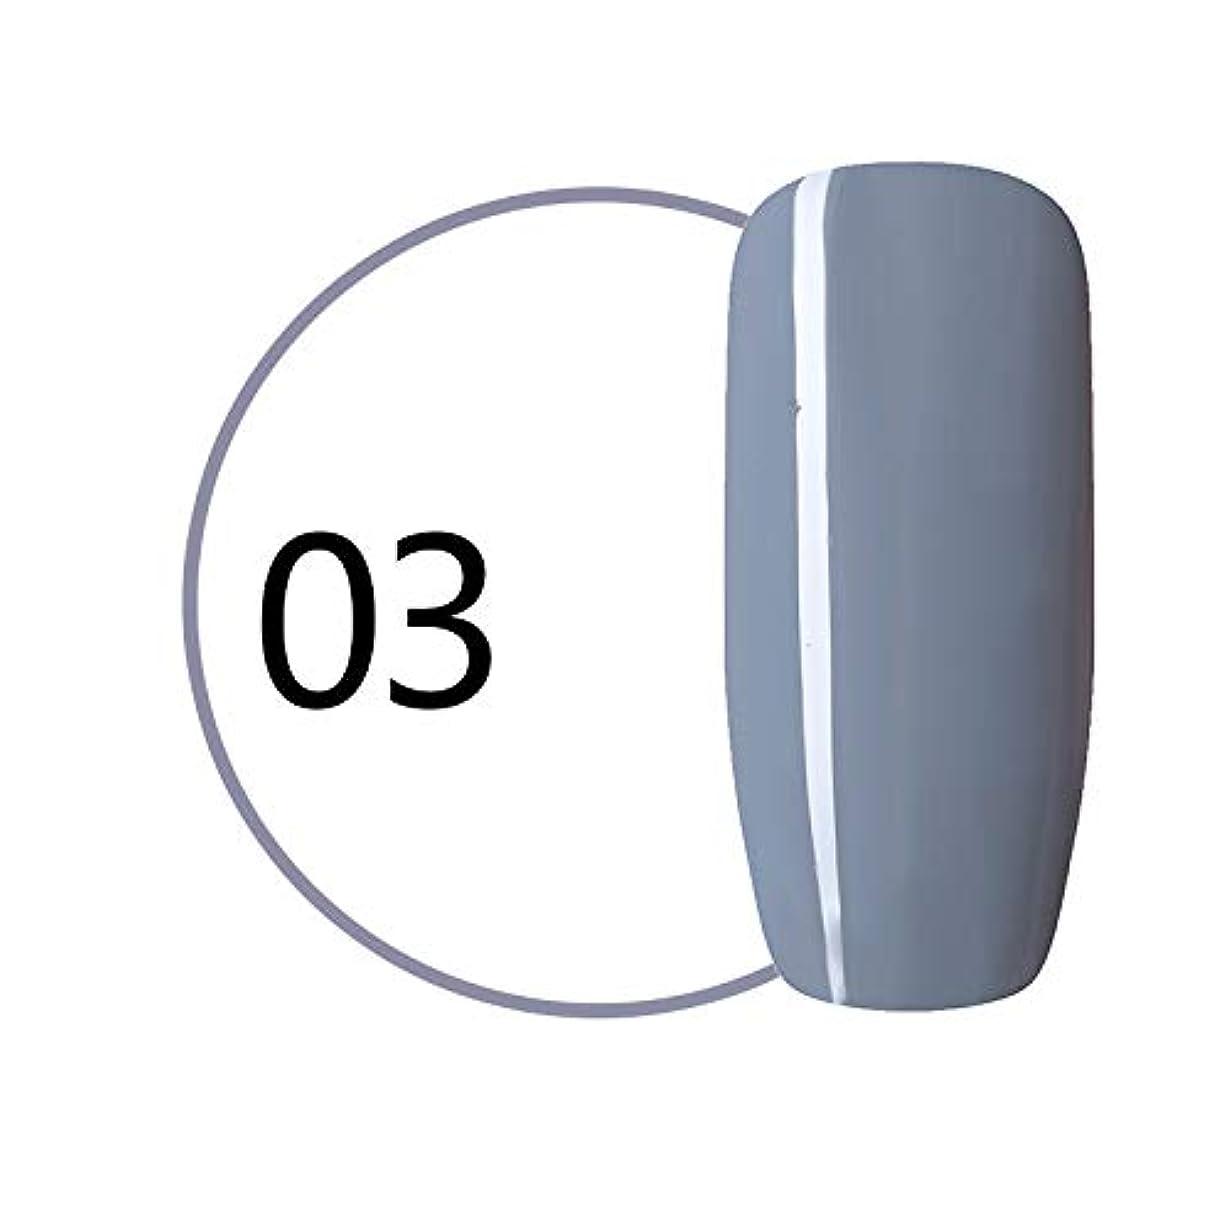 含む多様性保険をかけるSymboat マニキュア ソークオフ UV LED ネイルジェルポリッシュ ワイングレーシリーズ ネイル用品 女優 人気 初心者にも対応 安全 無毒